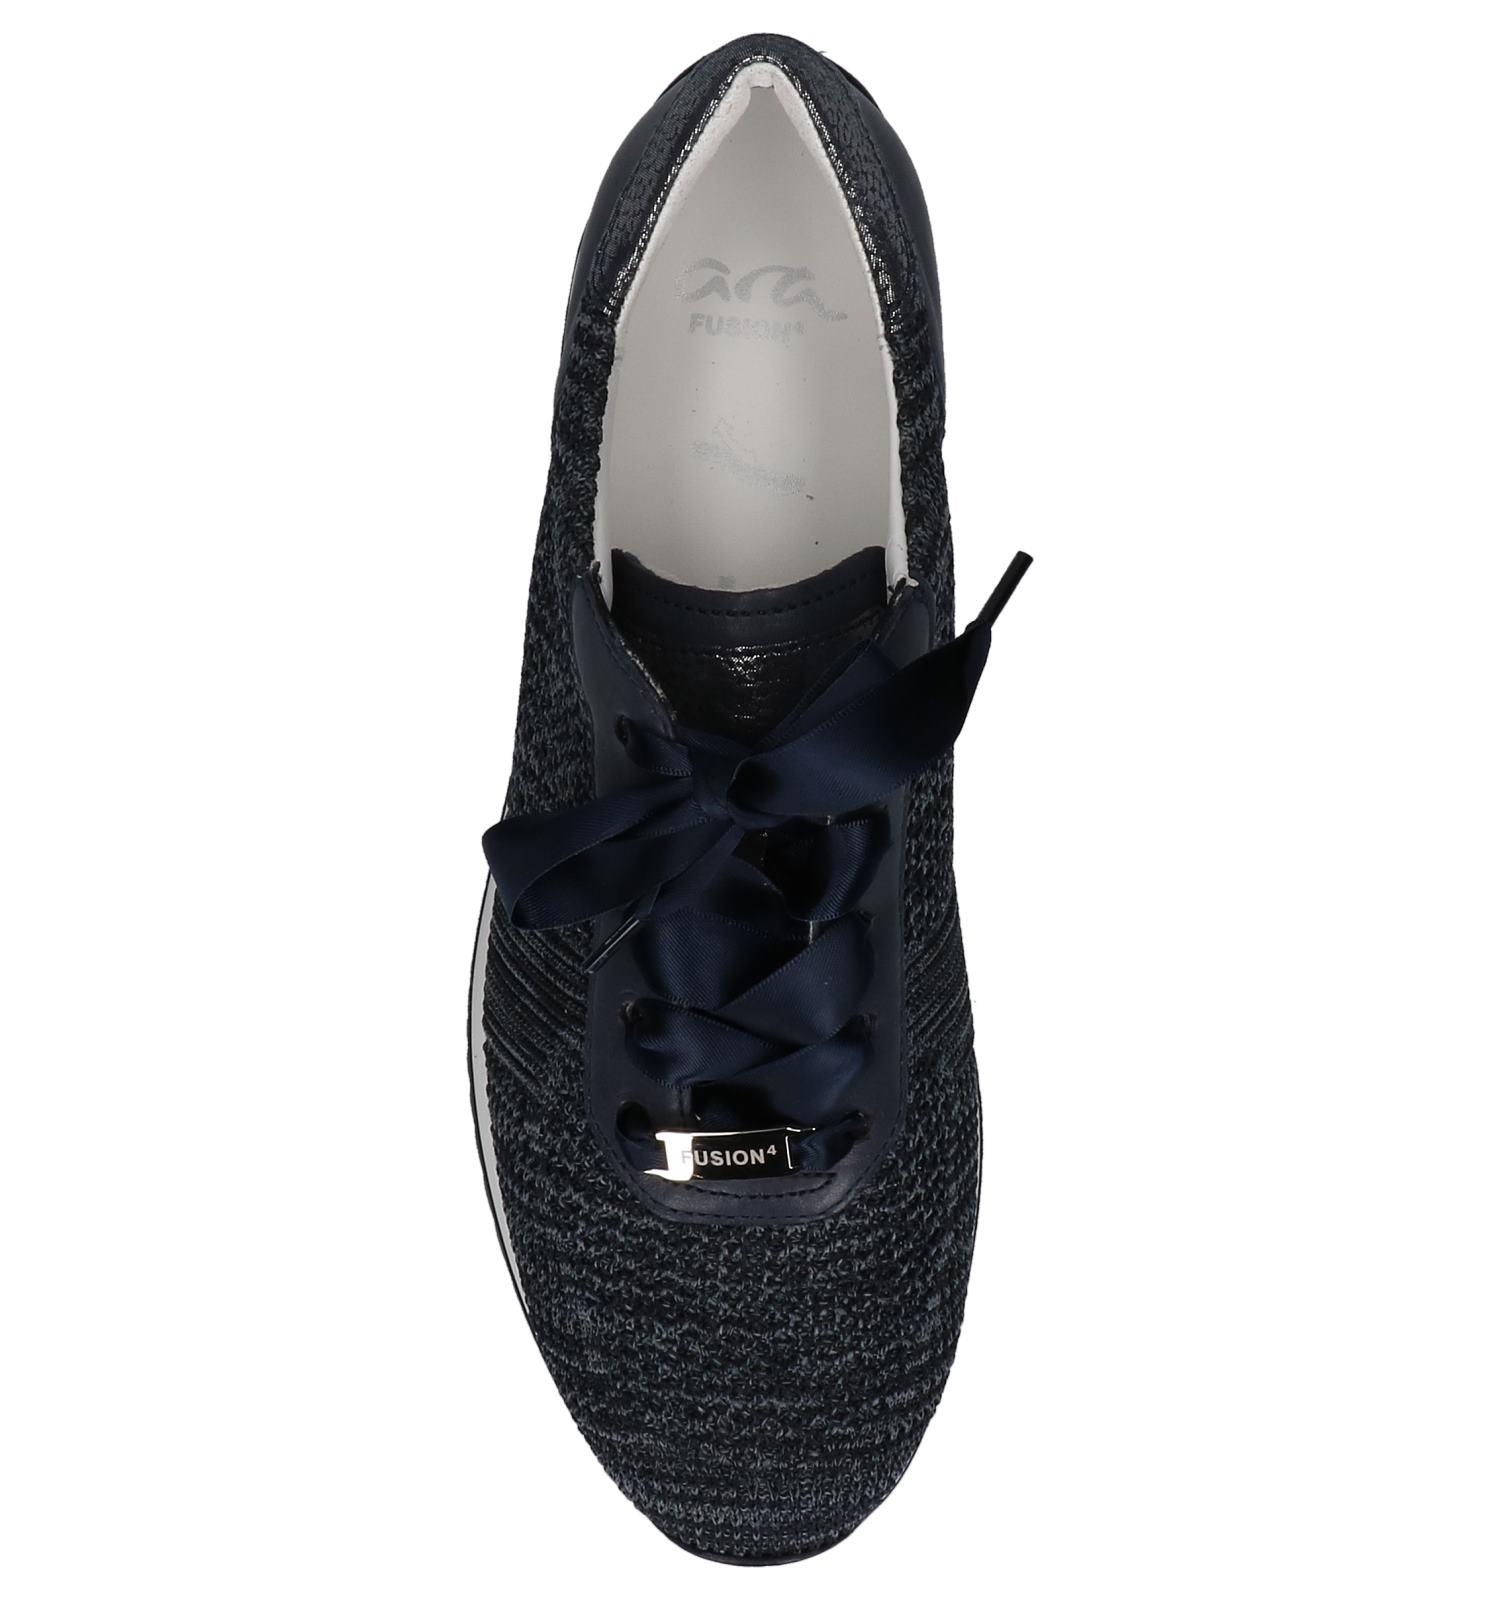 0f875a31c1243e Ara Chaussures à lacets (Bleu foncé) | TORFS.BE | Livraison et retour  gratuits